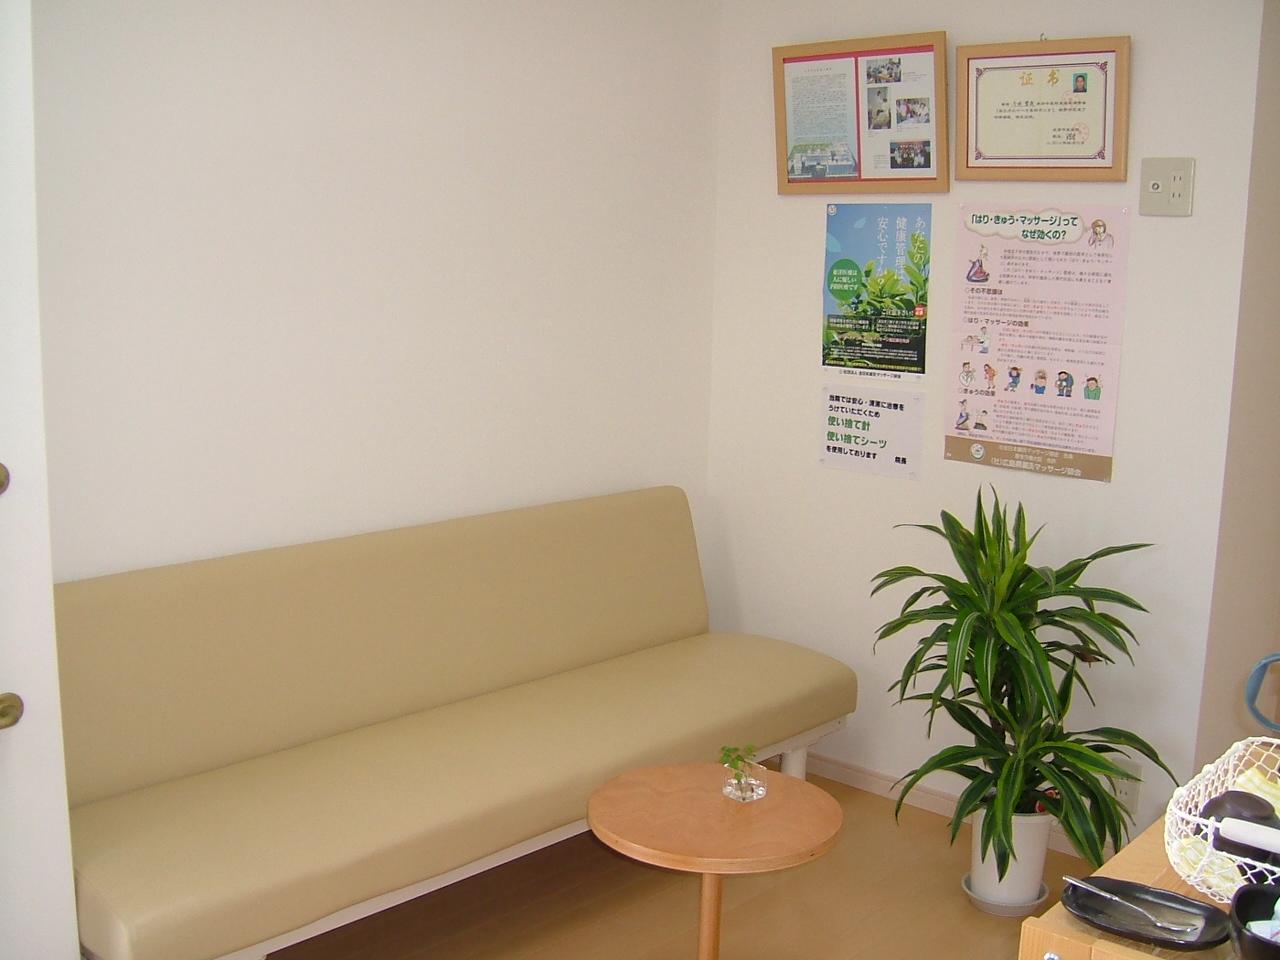 静かな待合室